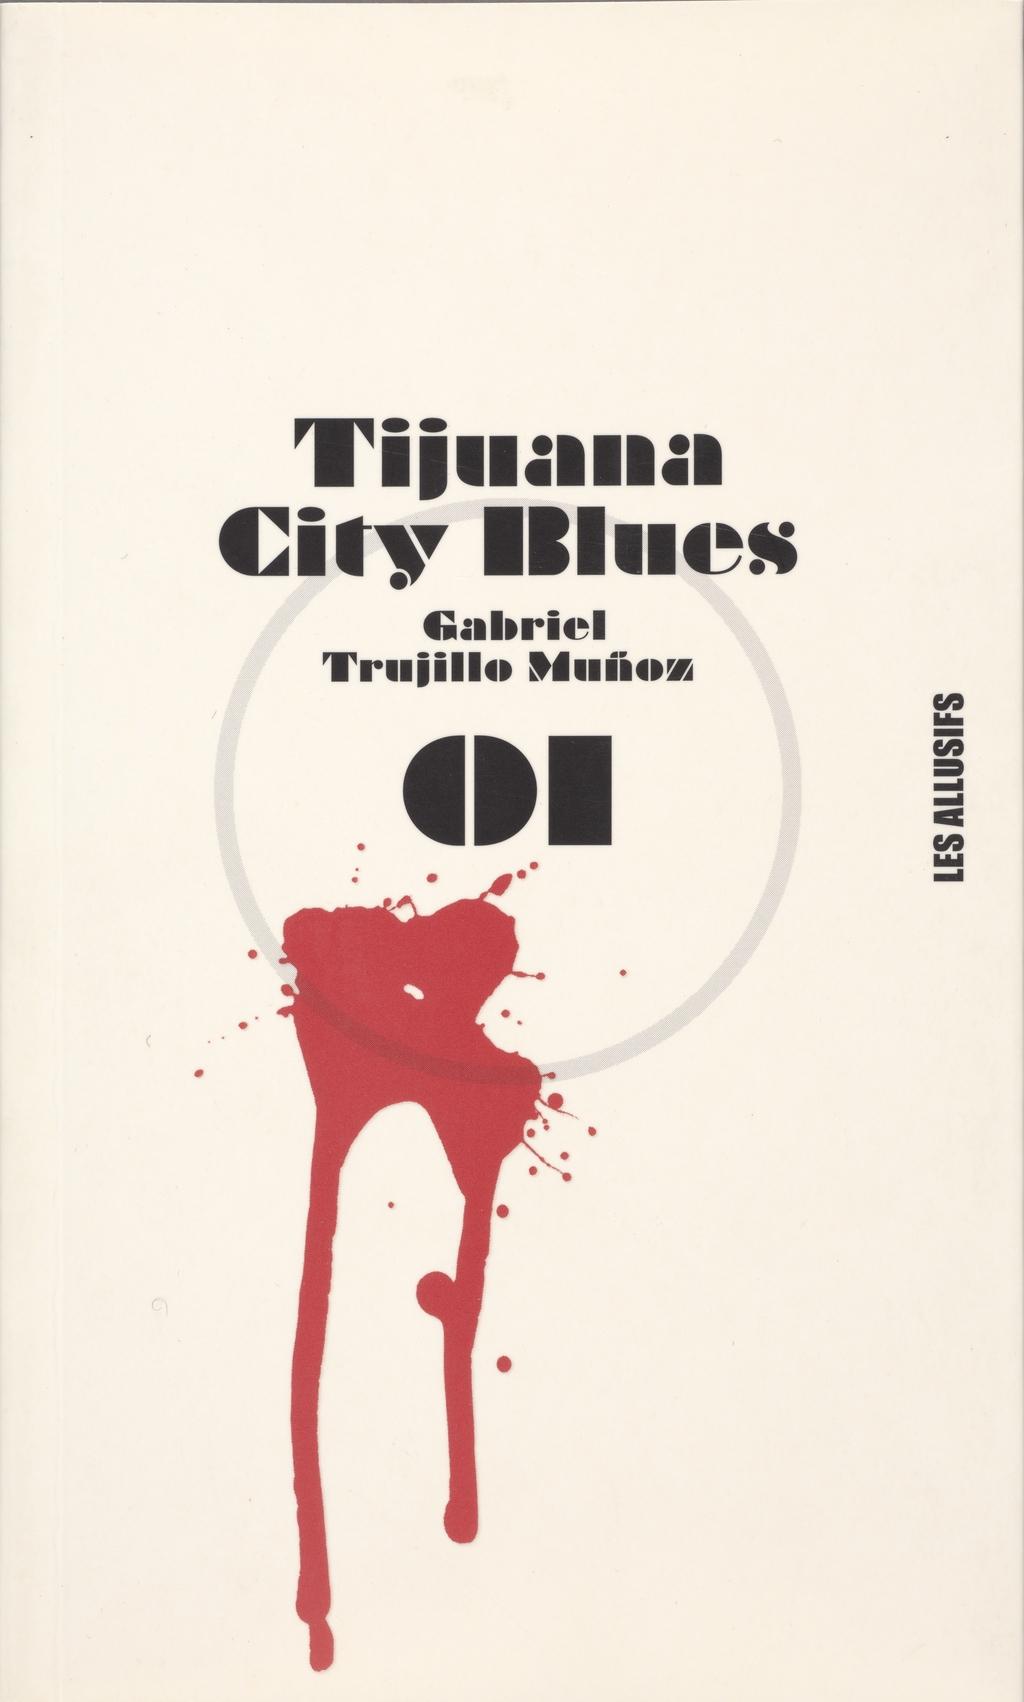 « Tijuana City Blues » de Gabriel Trujillo Muñoz, édité chez Les Allusifs, collection ' Polar, nº 01